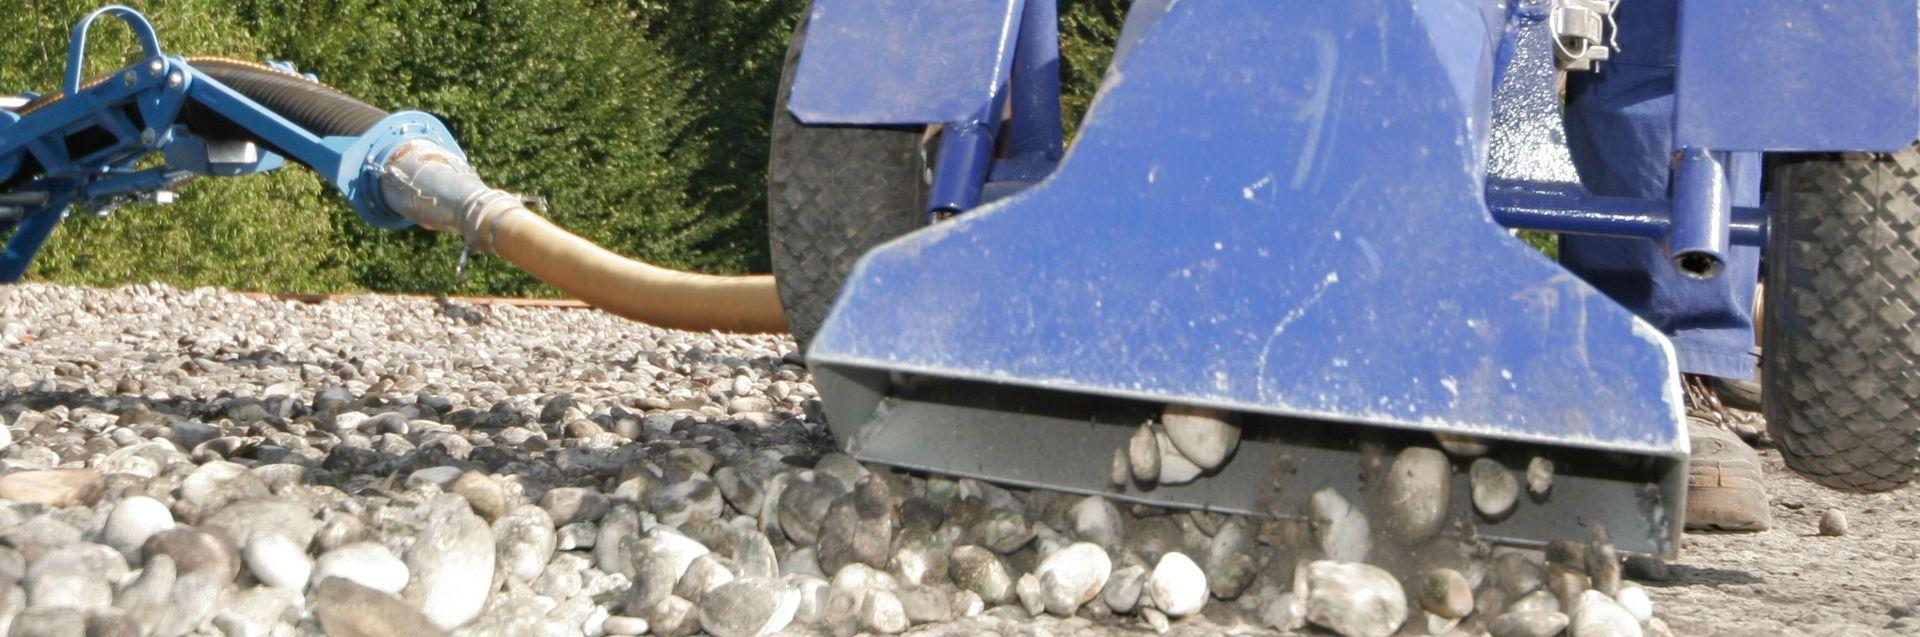 Effizienzsteigerung mit Saugbagger Slider